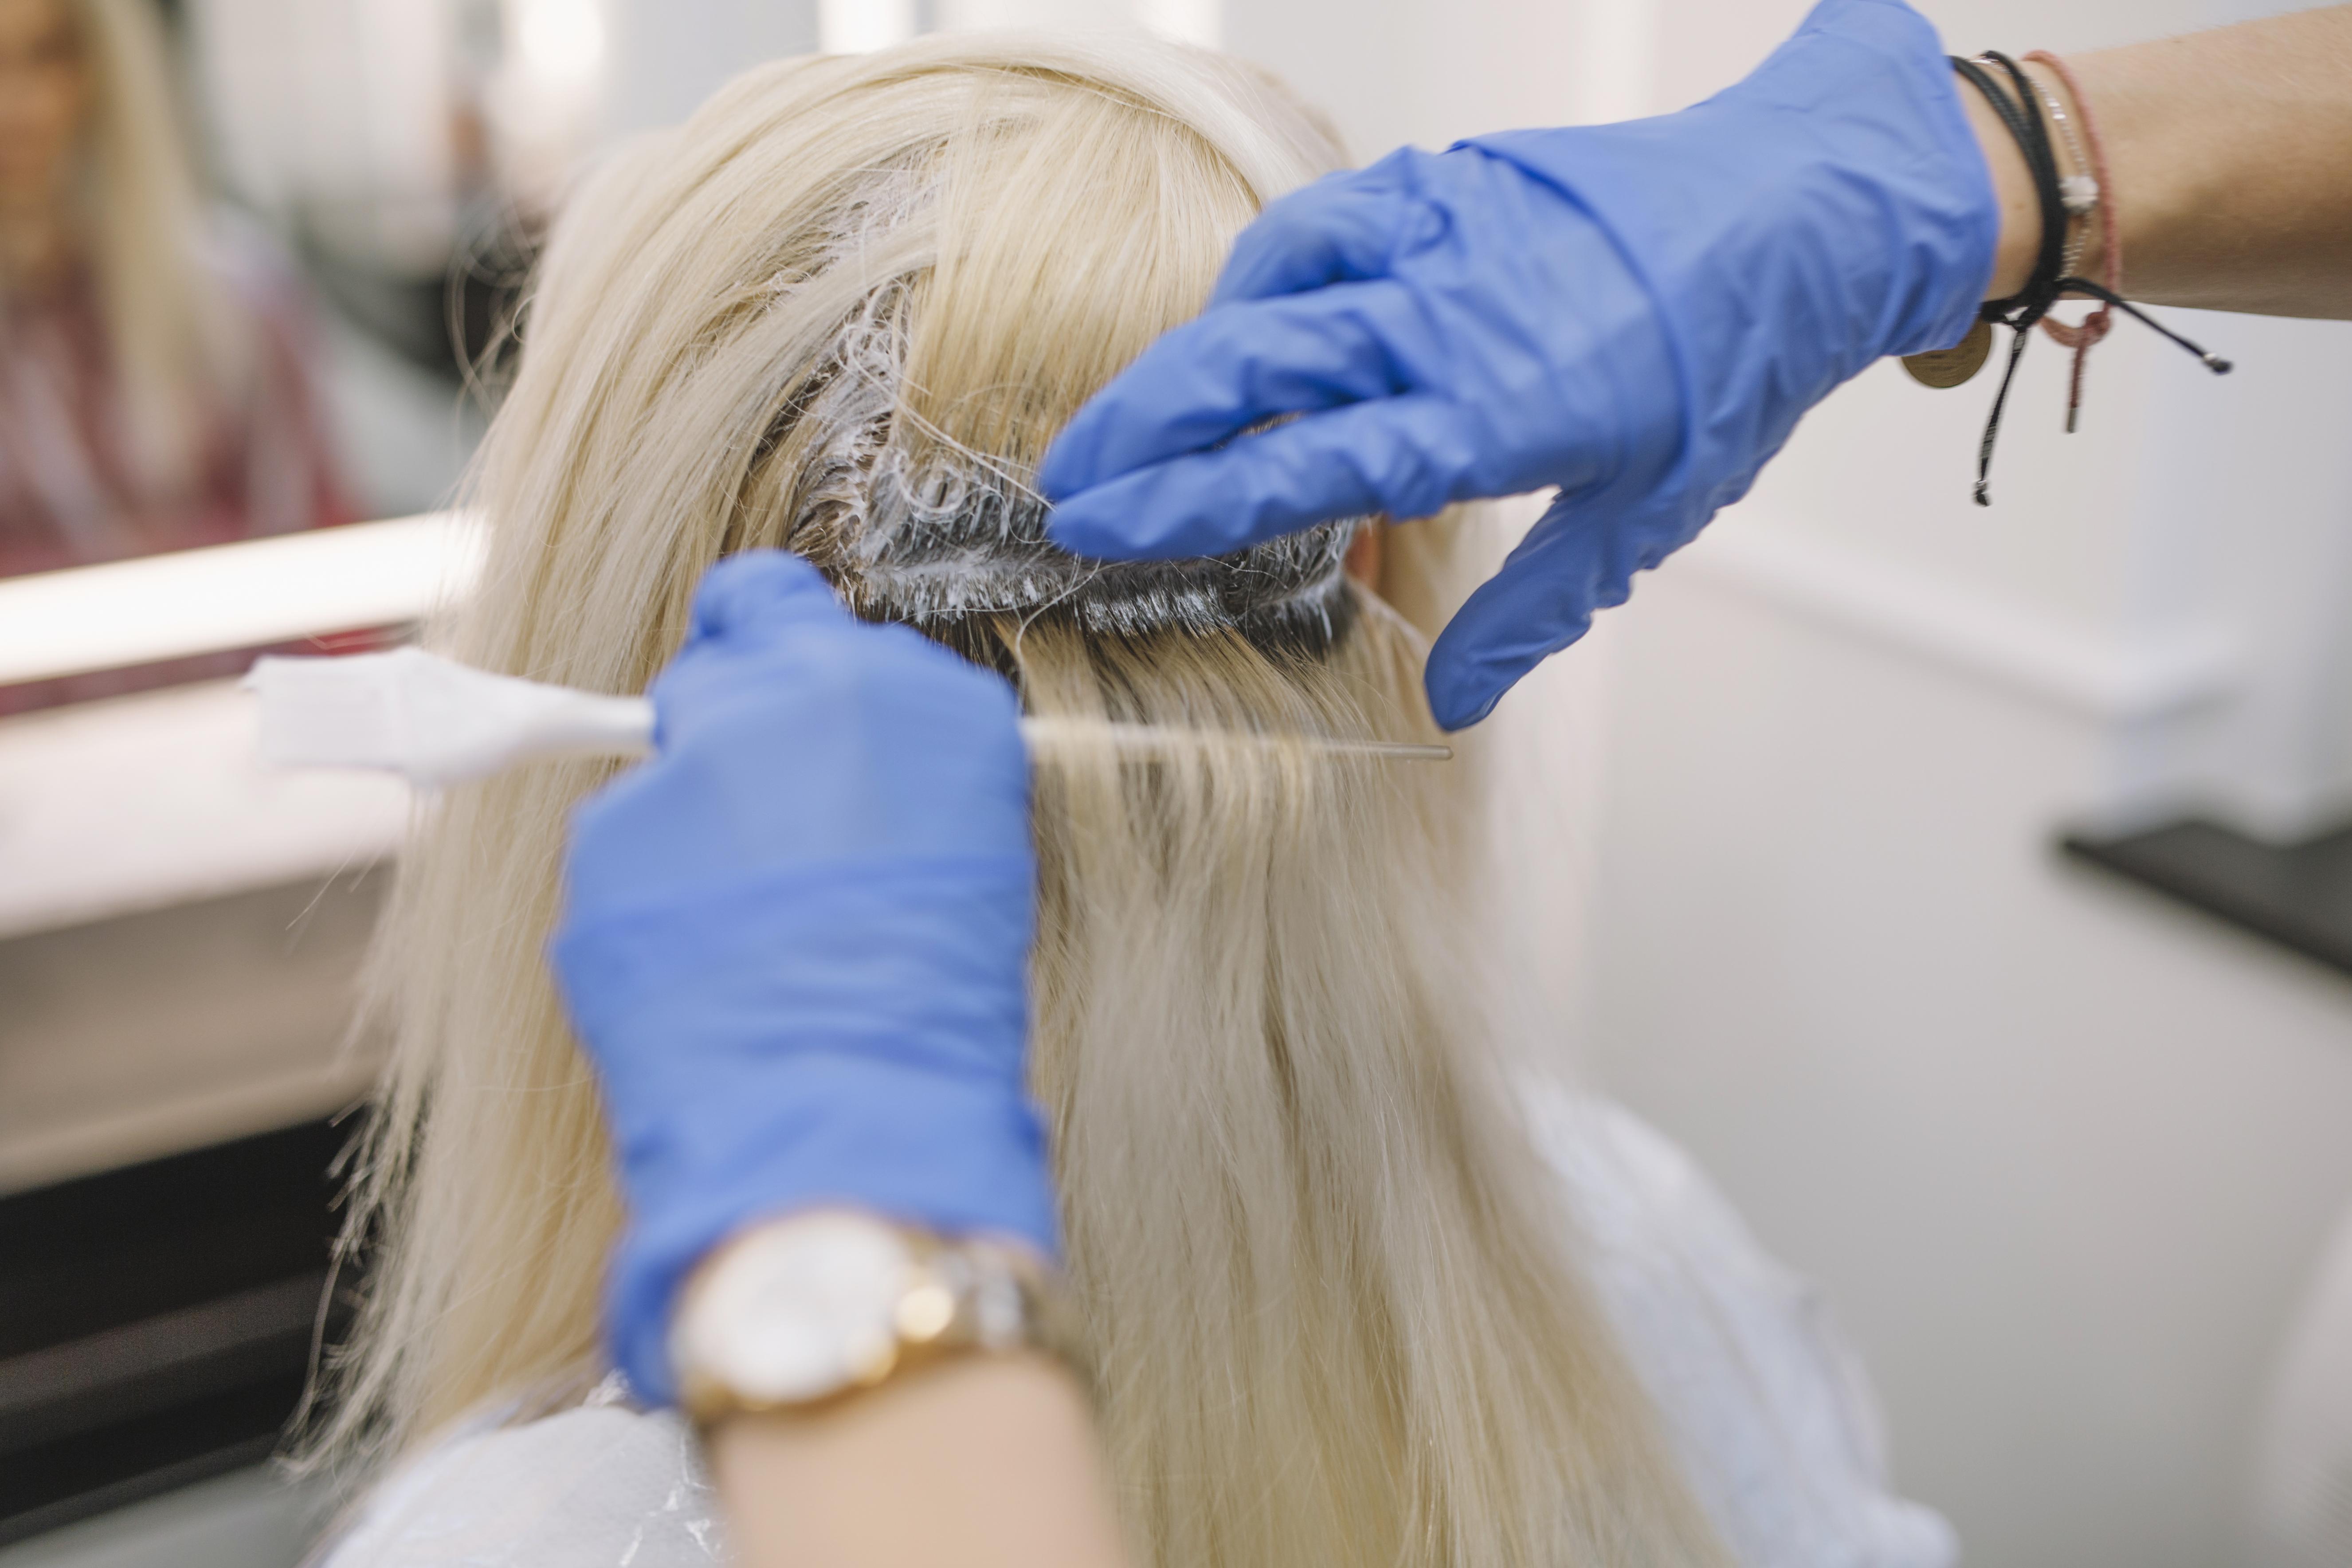 صبغ الشعر يجعل الشعر يبدو كثيفاً